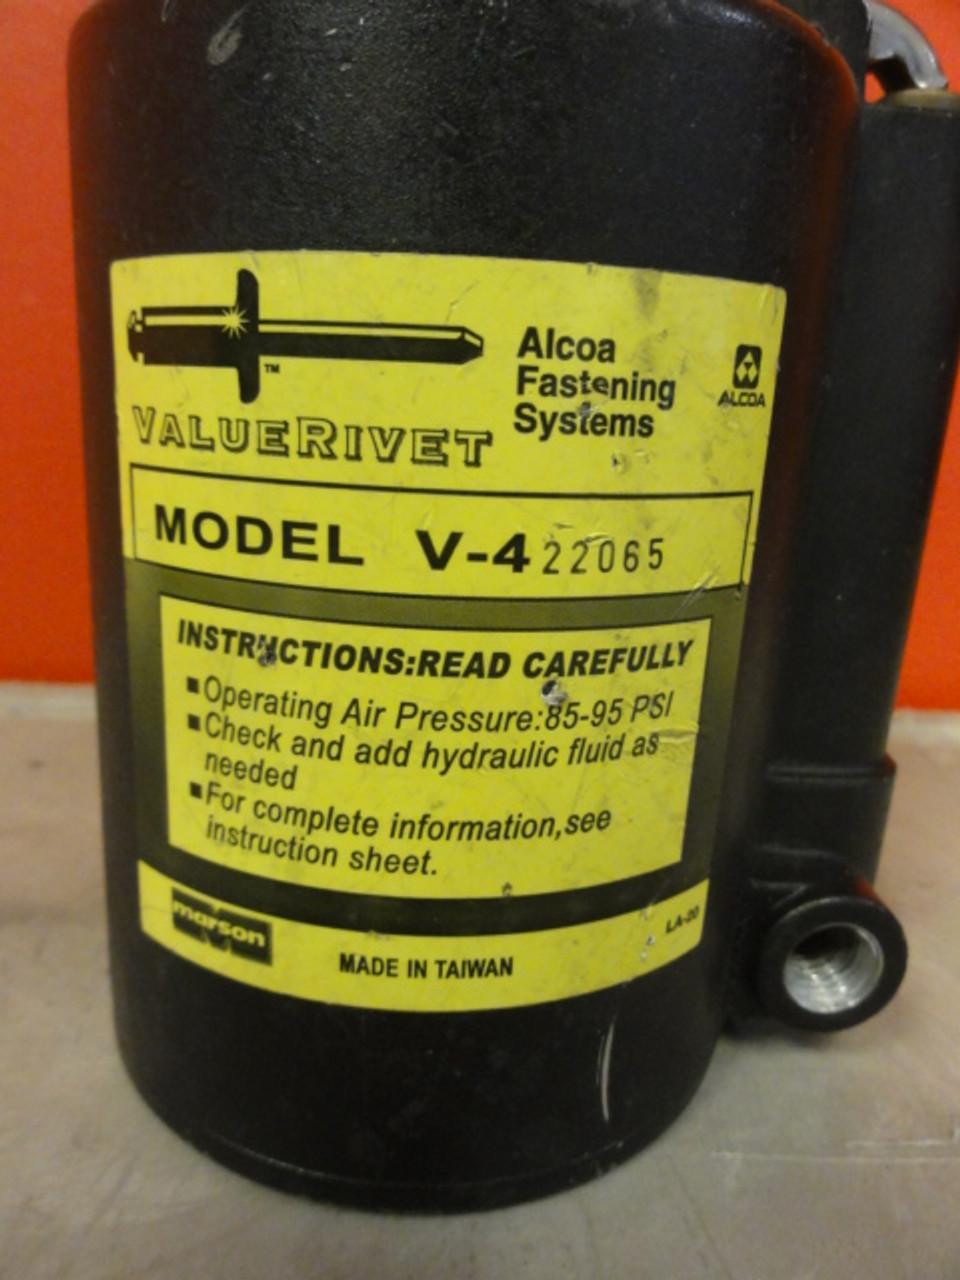 Alcoa ValueRivet V-422065 Pneumatic Rivet Air Gun